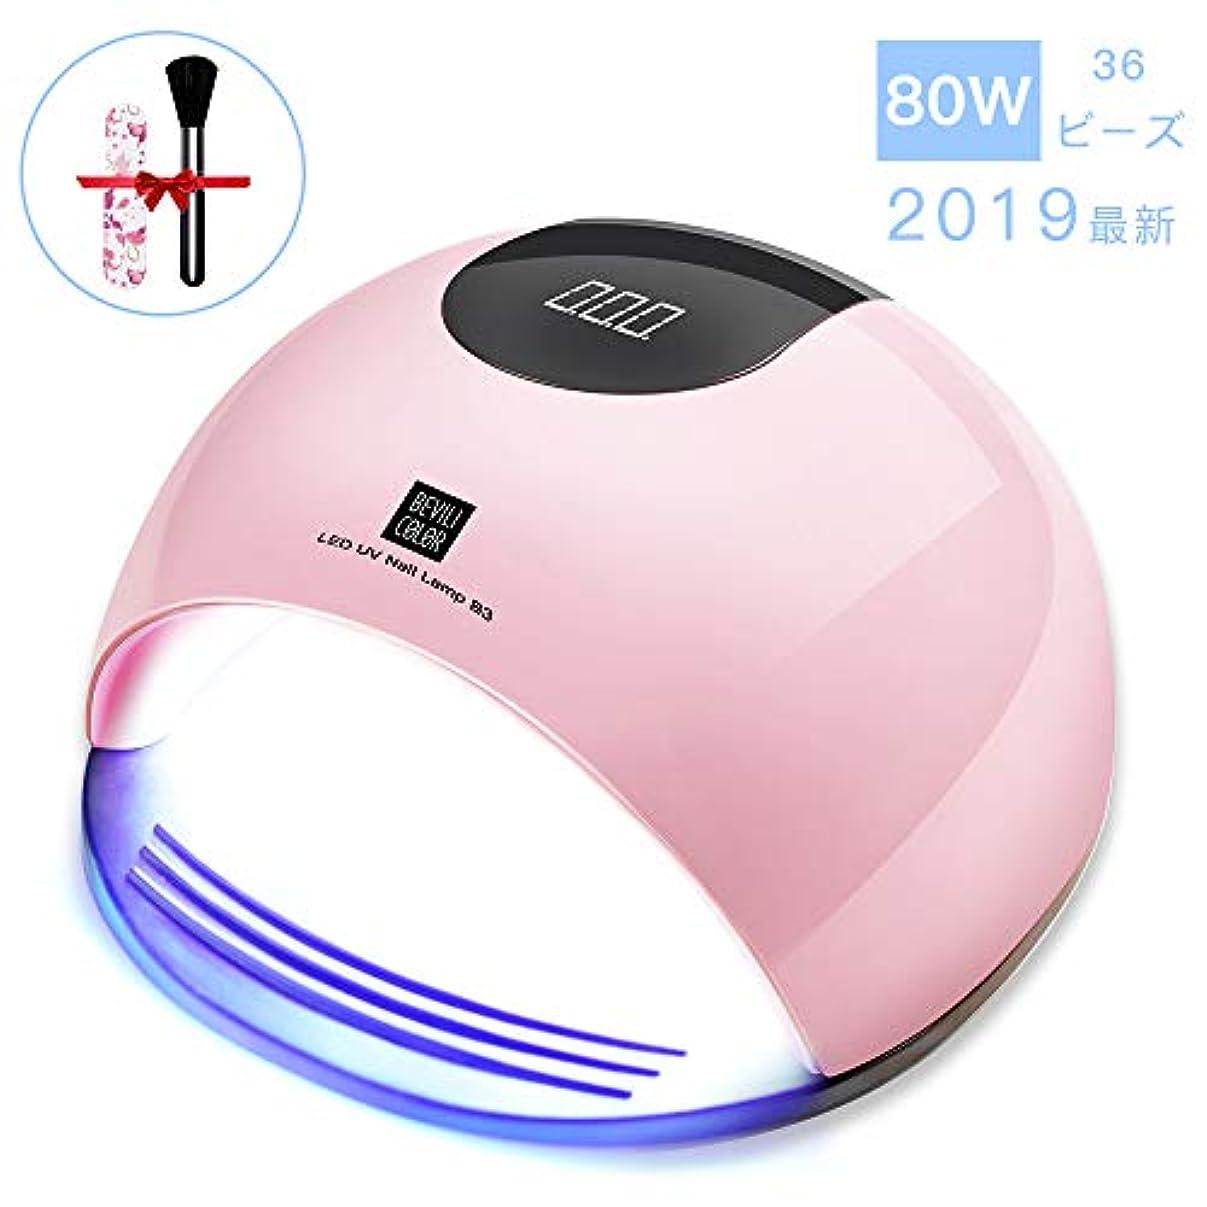 開拓者機械的にコミットジェルネイル ライトレジン uvライトネイルドライヤー ハンドフット両用 ネイル led ライト80W ハイパワー ジェルネイルライト 肌をケア センサータイマー付き (Pink)